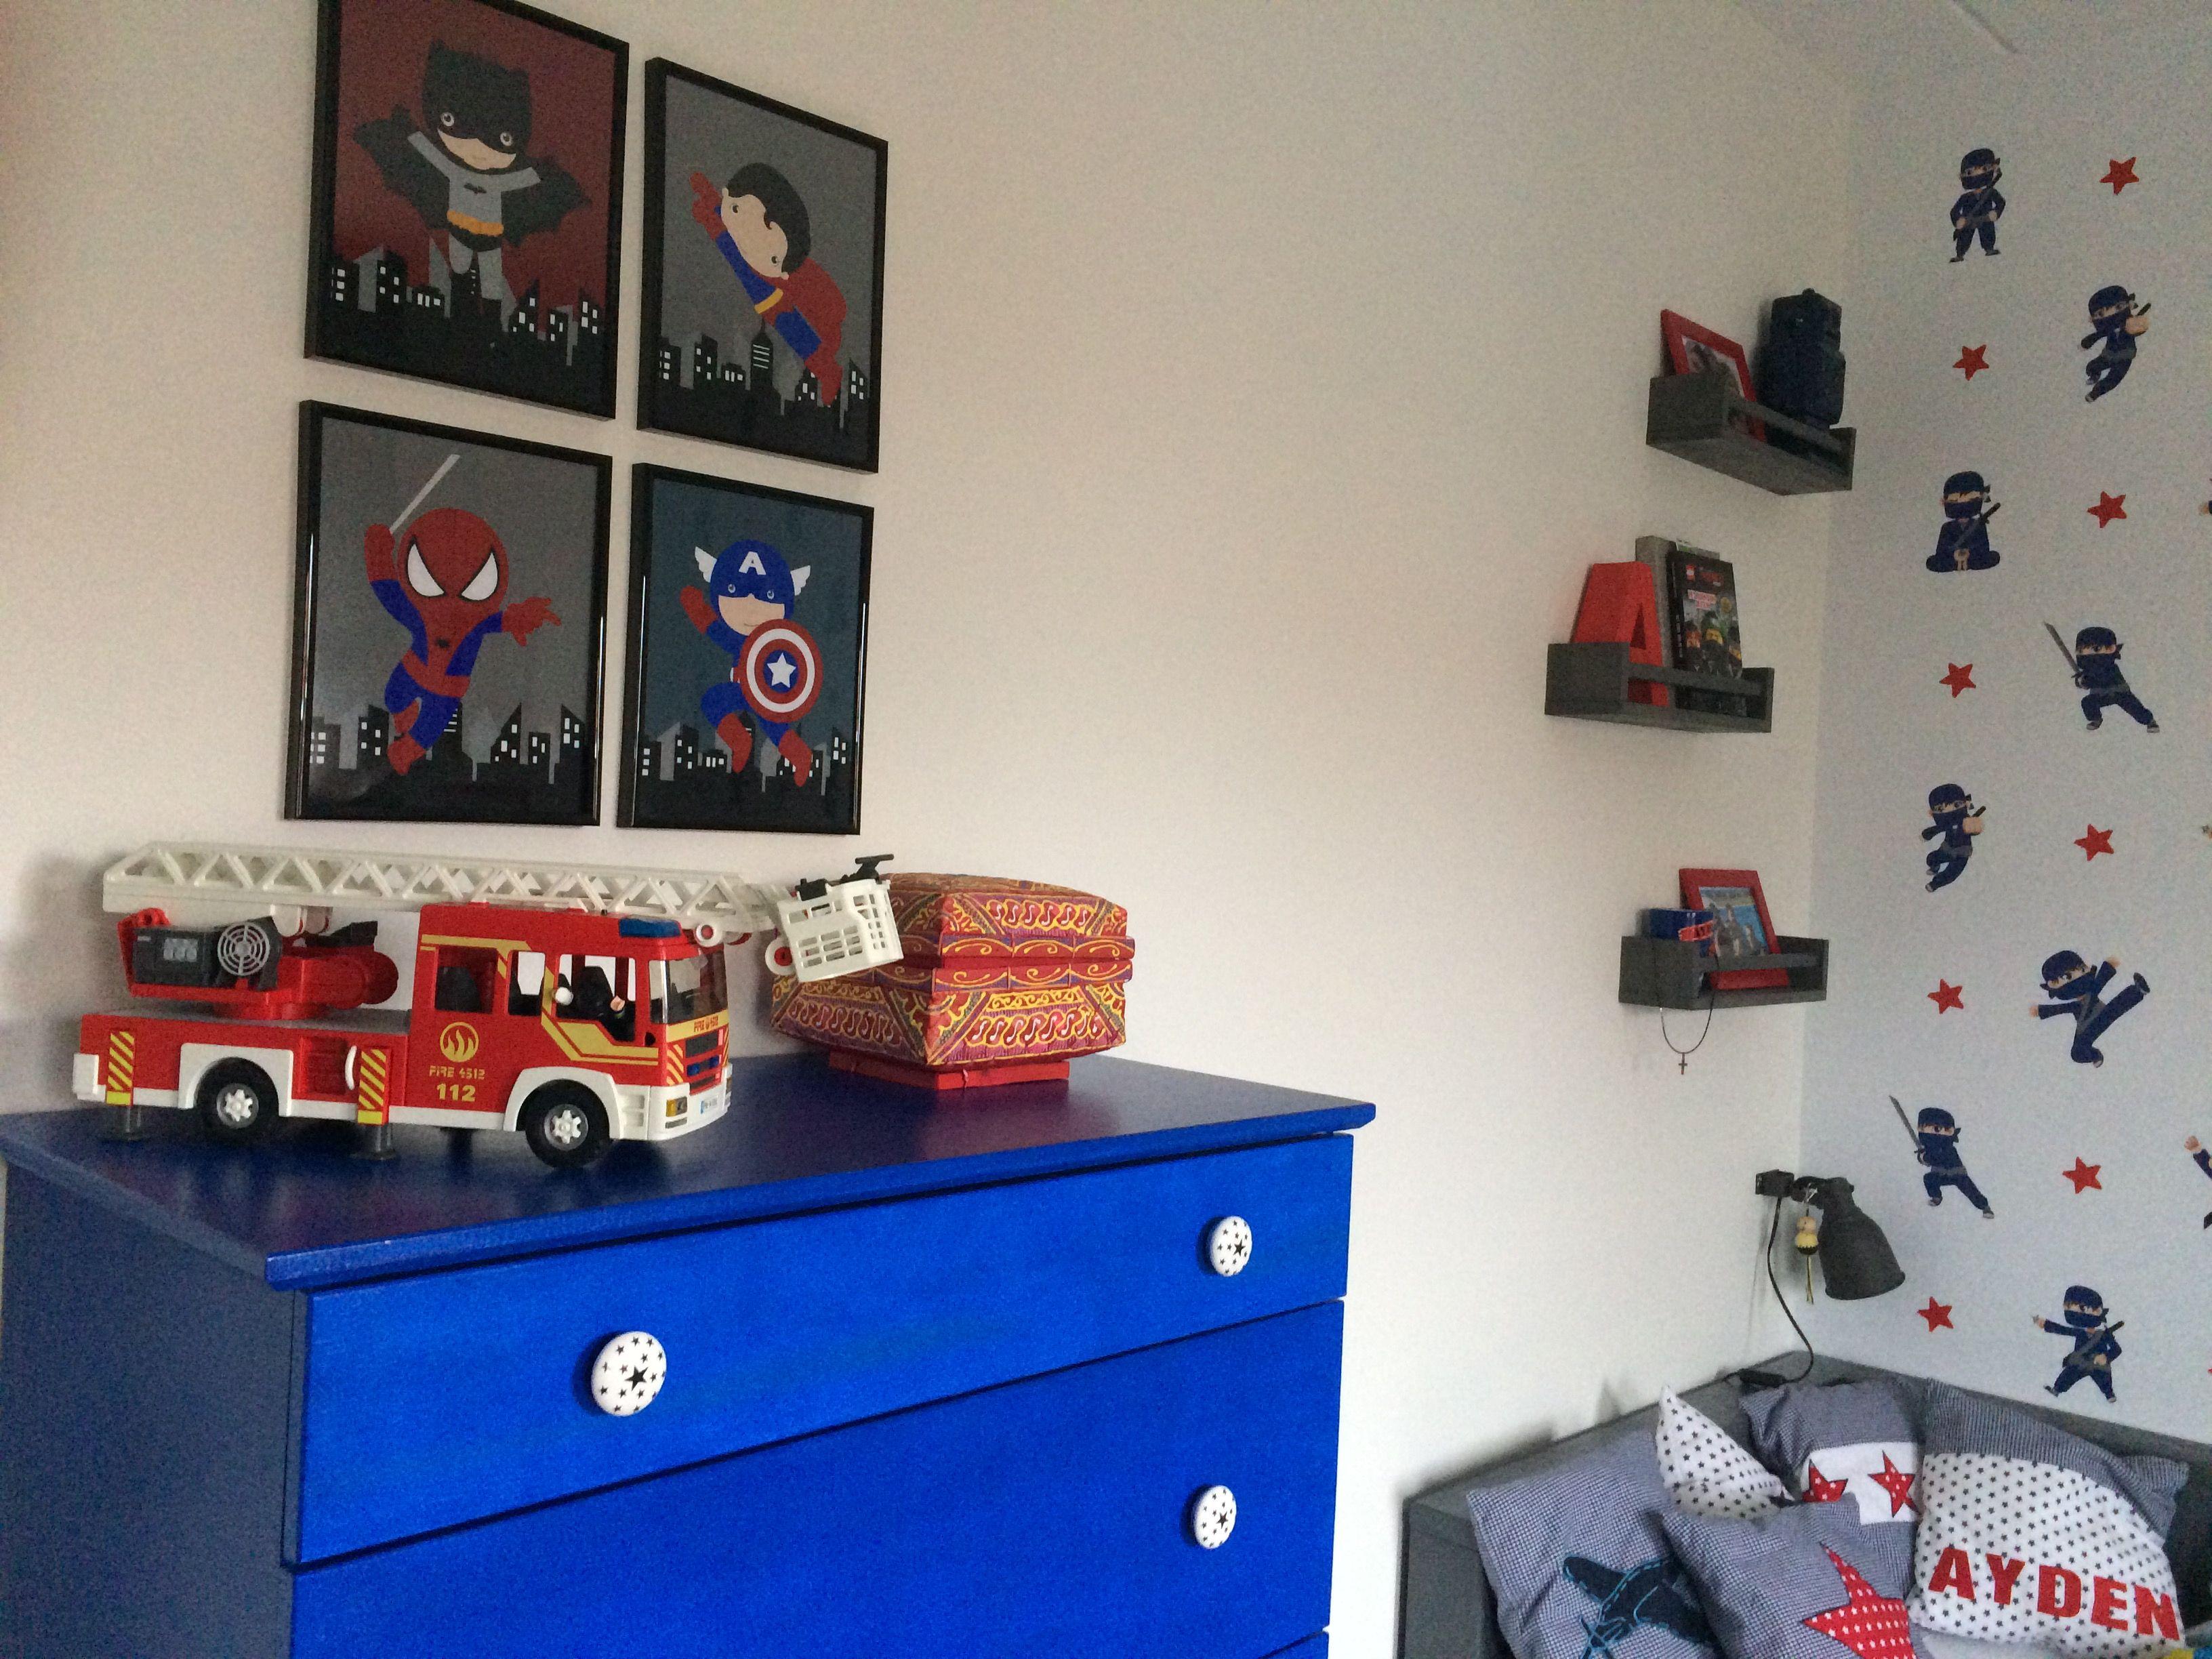 Ninja ninjago ninja slaapkamer ninja behang superhelden ikea tarva